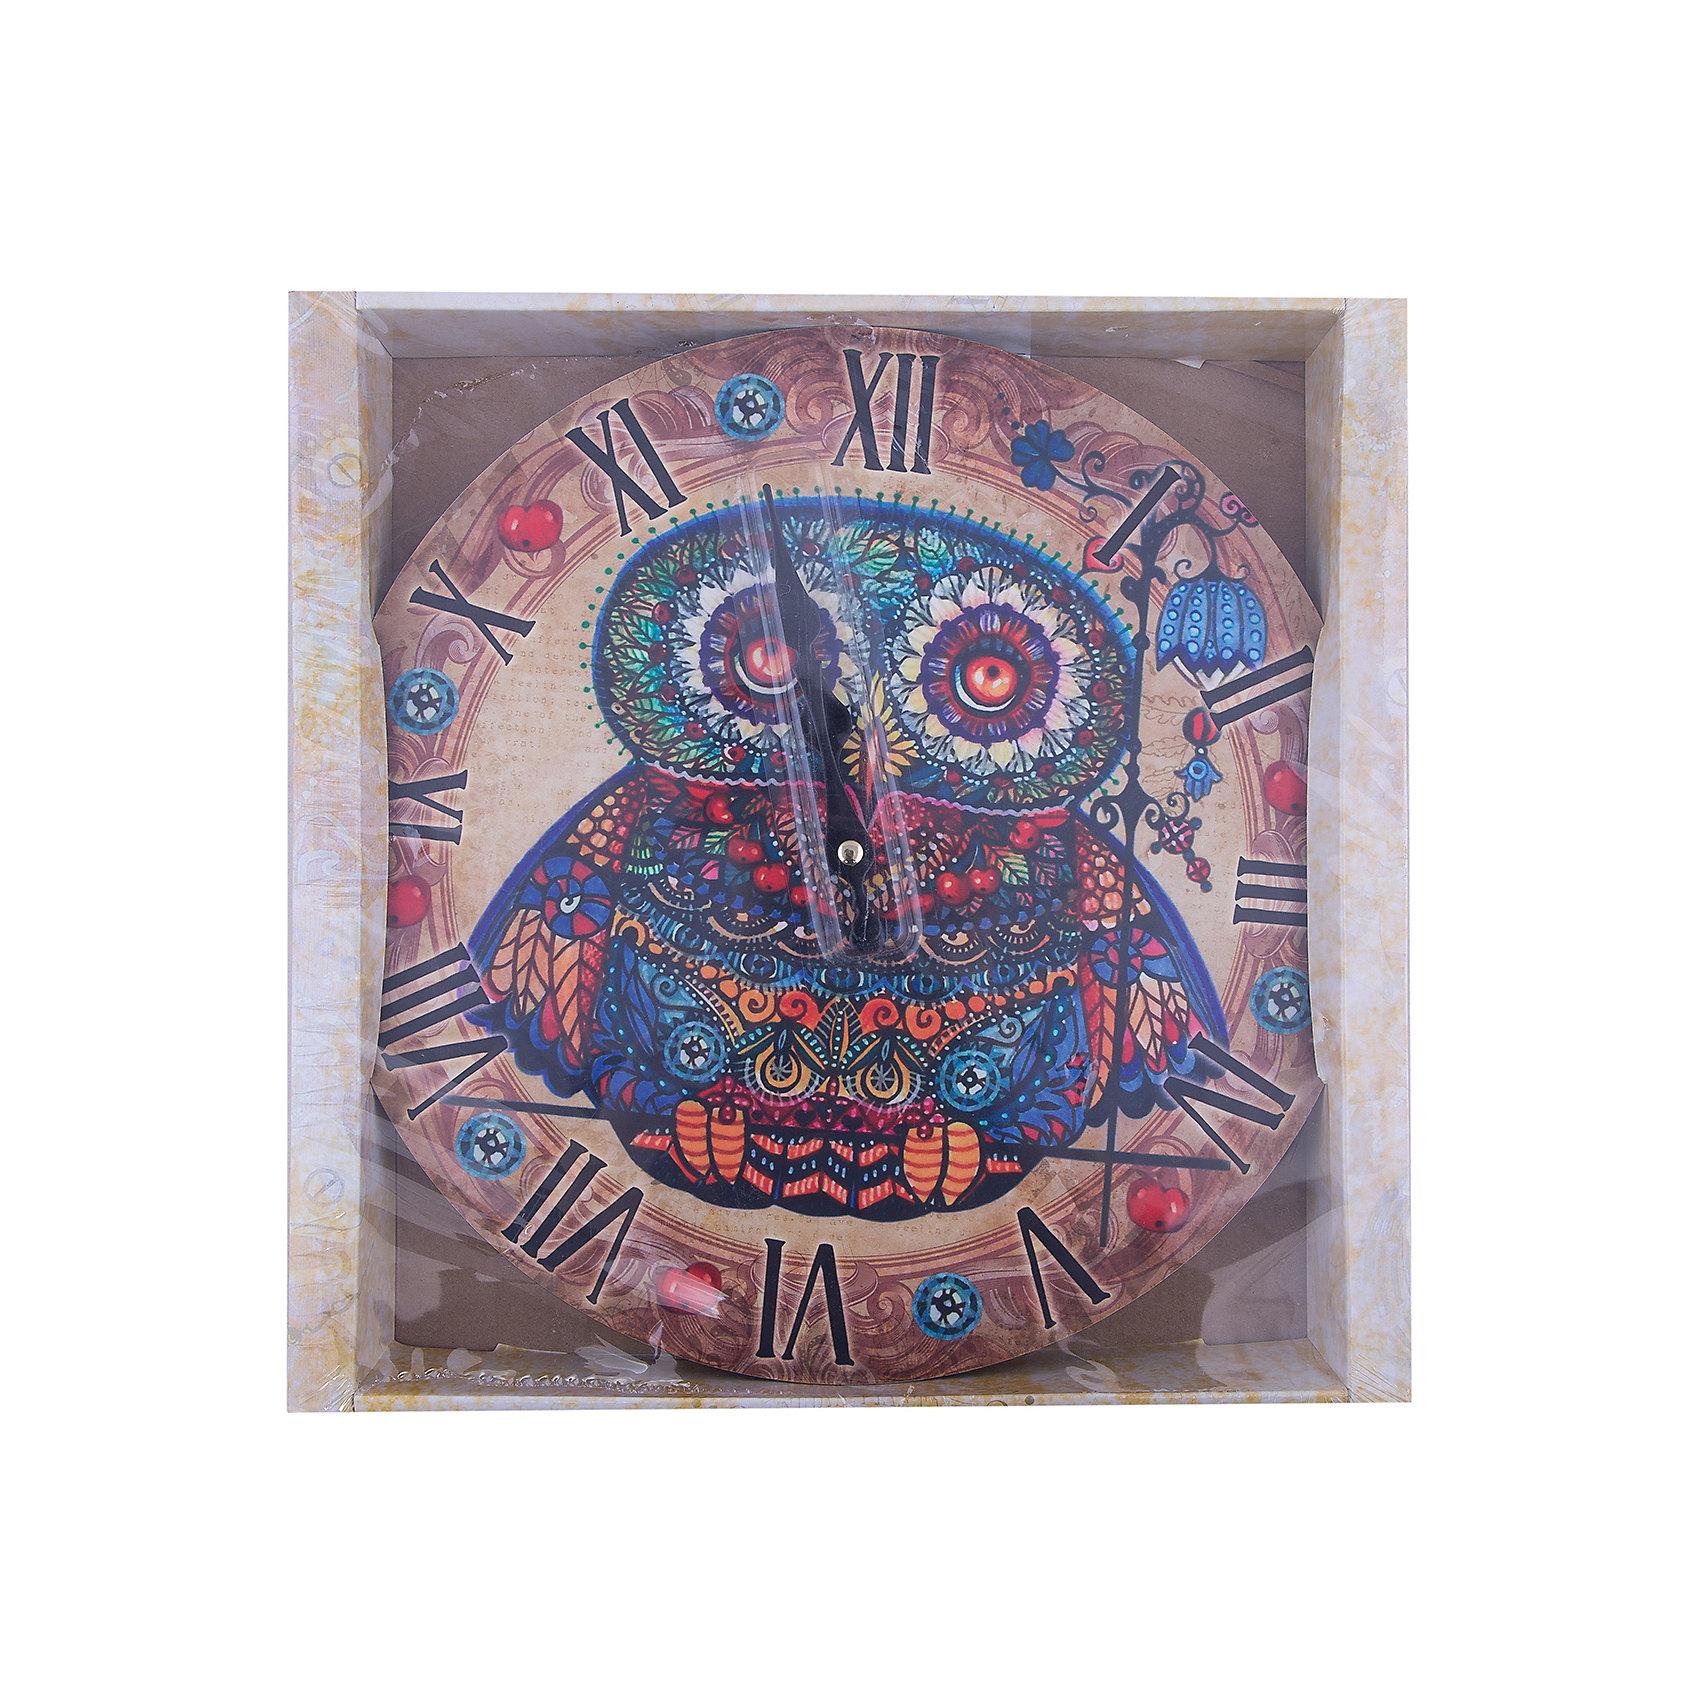 Часы настенные Волшебная сова с рябиной, диаметр 34Детские предметы интерьера<br>Часы настенные Волшебная сова с рябиной, диаметр 34.<br><br>Характеристики:<br><br>- Диаметр: 34 см.<br>- Две стрелки часовая и минутная<br>- Батарейка: 1 типа АА (в комплект не входит)<br>- Цвет: антрацитовый, бежевый, красный<br>- Упаковка картонная коробка<br><br>Кварцевые настенные часы с механизмом плавного хода помимо своего прямого назначения – показывать точное время – станут важным элементом декора Вашего дома, квартиры или офиса. Открытый циферблат часов выполнен из листа оргалита с декоративным покрытием, оформлен изображением совы и ягод рябины. Часовая и минутная стрелки металлические. Часовой механизм закрыт пластиковым корпусом. Часы будут ярким акцентом в интерьере и создадут дополнительный уют и хорошее настроение.<br><br>Часы настенные Волшебная сова с рябиной, диаметр 34 можно купить в нашем интернет-магазине.<br><br>Ширина мм: 345<br>Глубина мм: 340<br>Высота мм: 45<br>Вес г: 2500<br>Возраст от месяцев: 72<br>Возраст до месяцев: 144<br>Пол: Унисекс<br>Возраст: Детский<br>SKU: 5089816